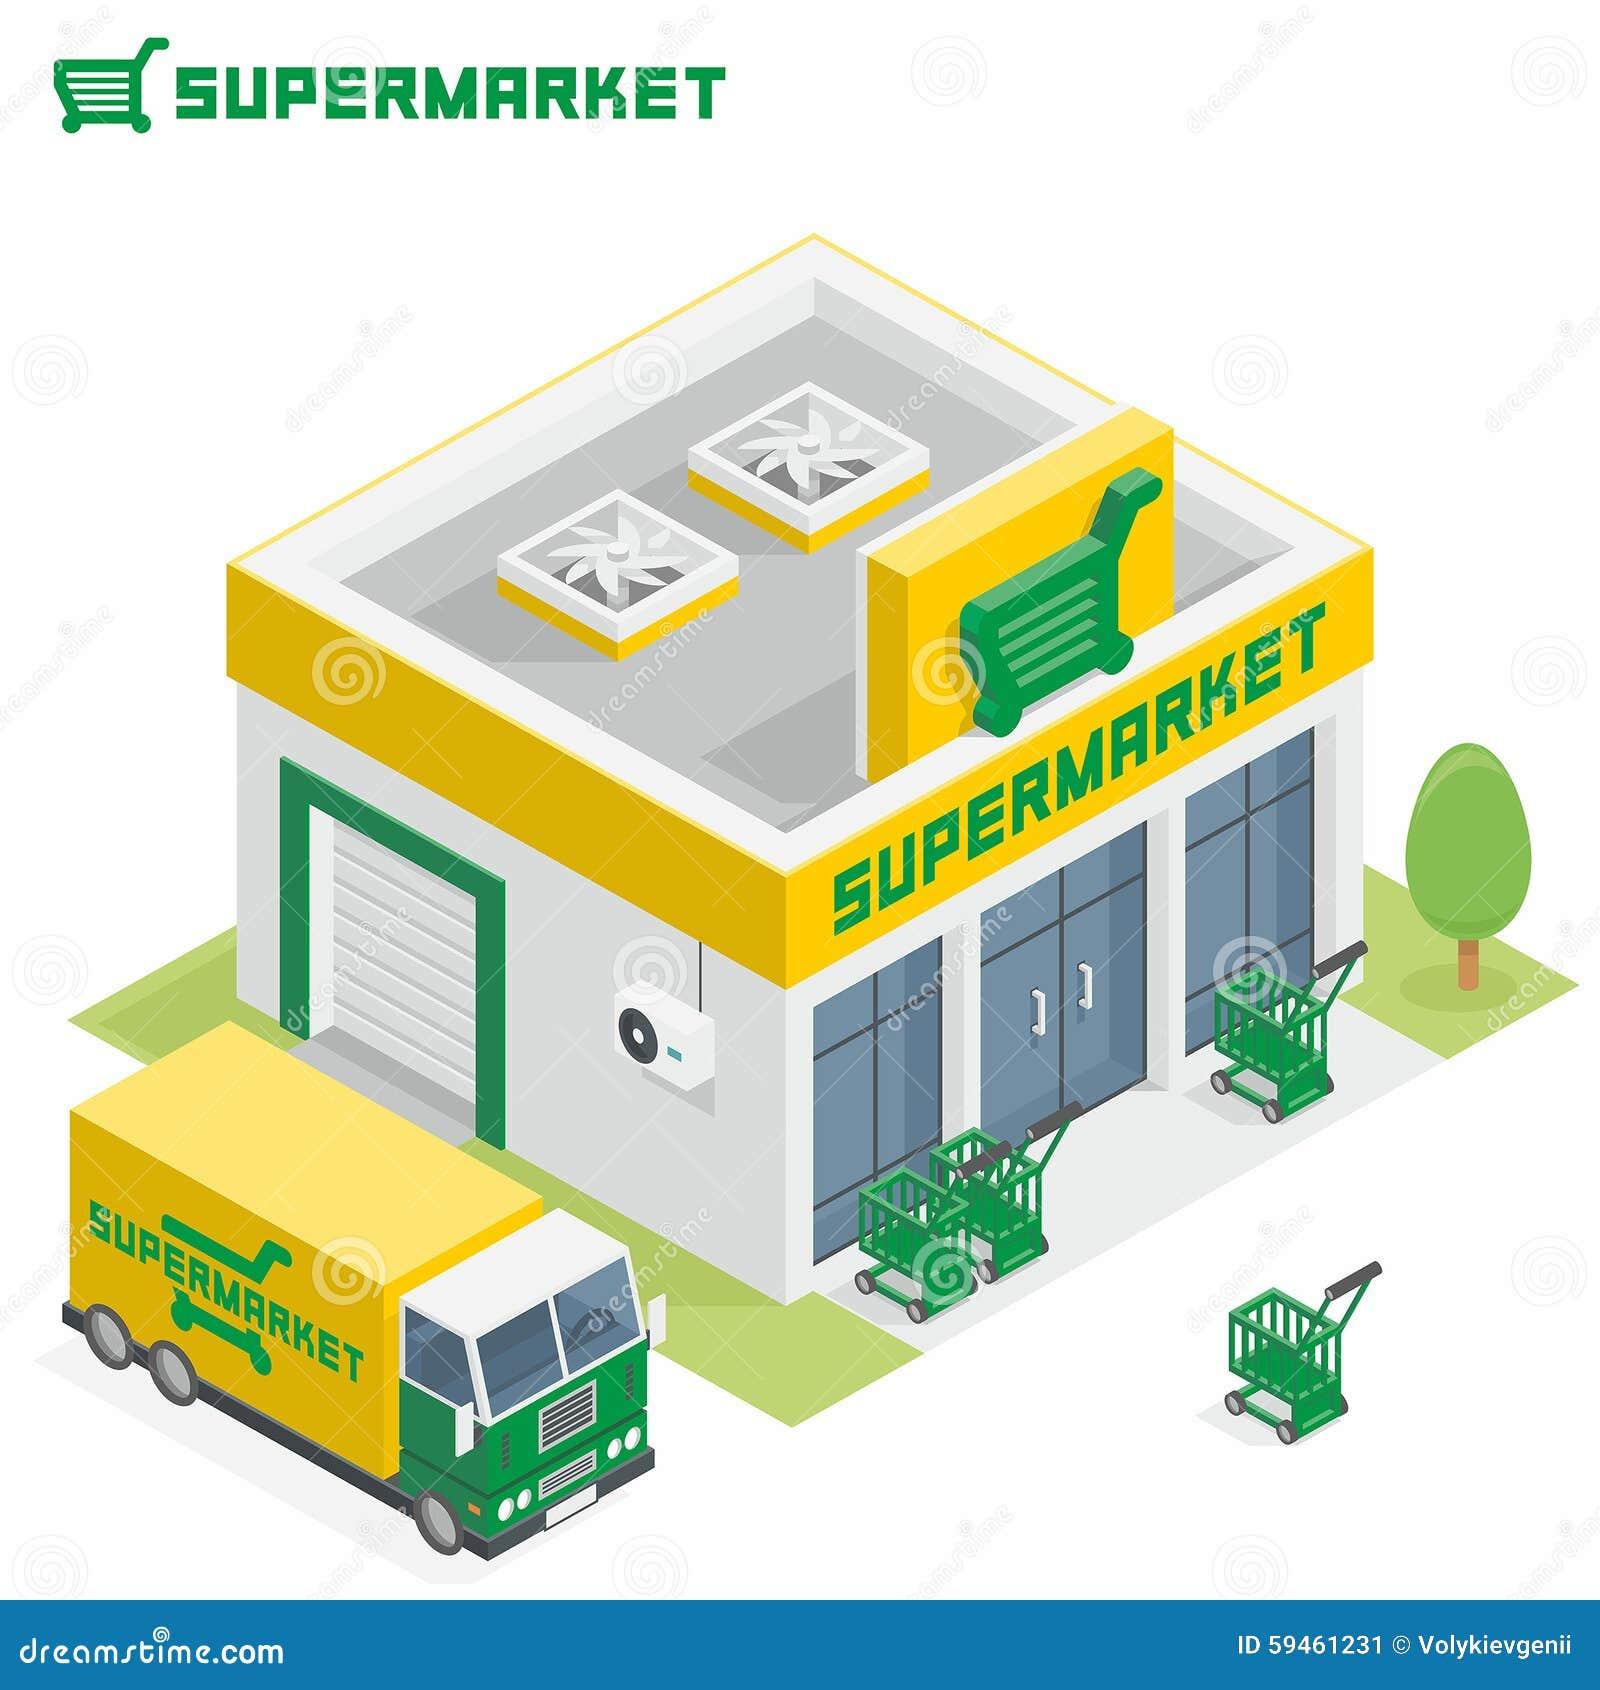 supermarket business plan in kerala states